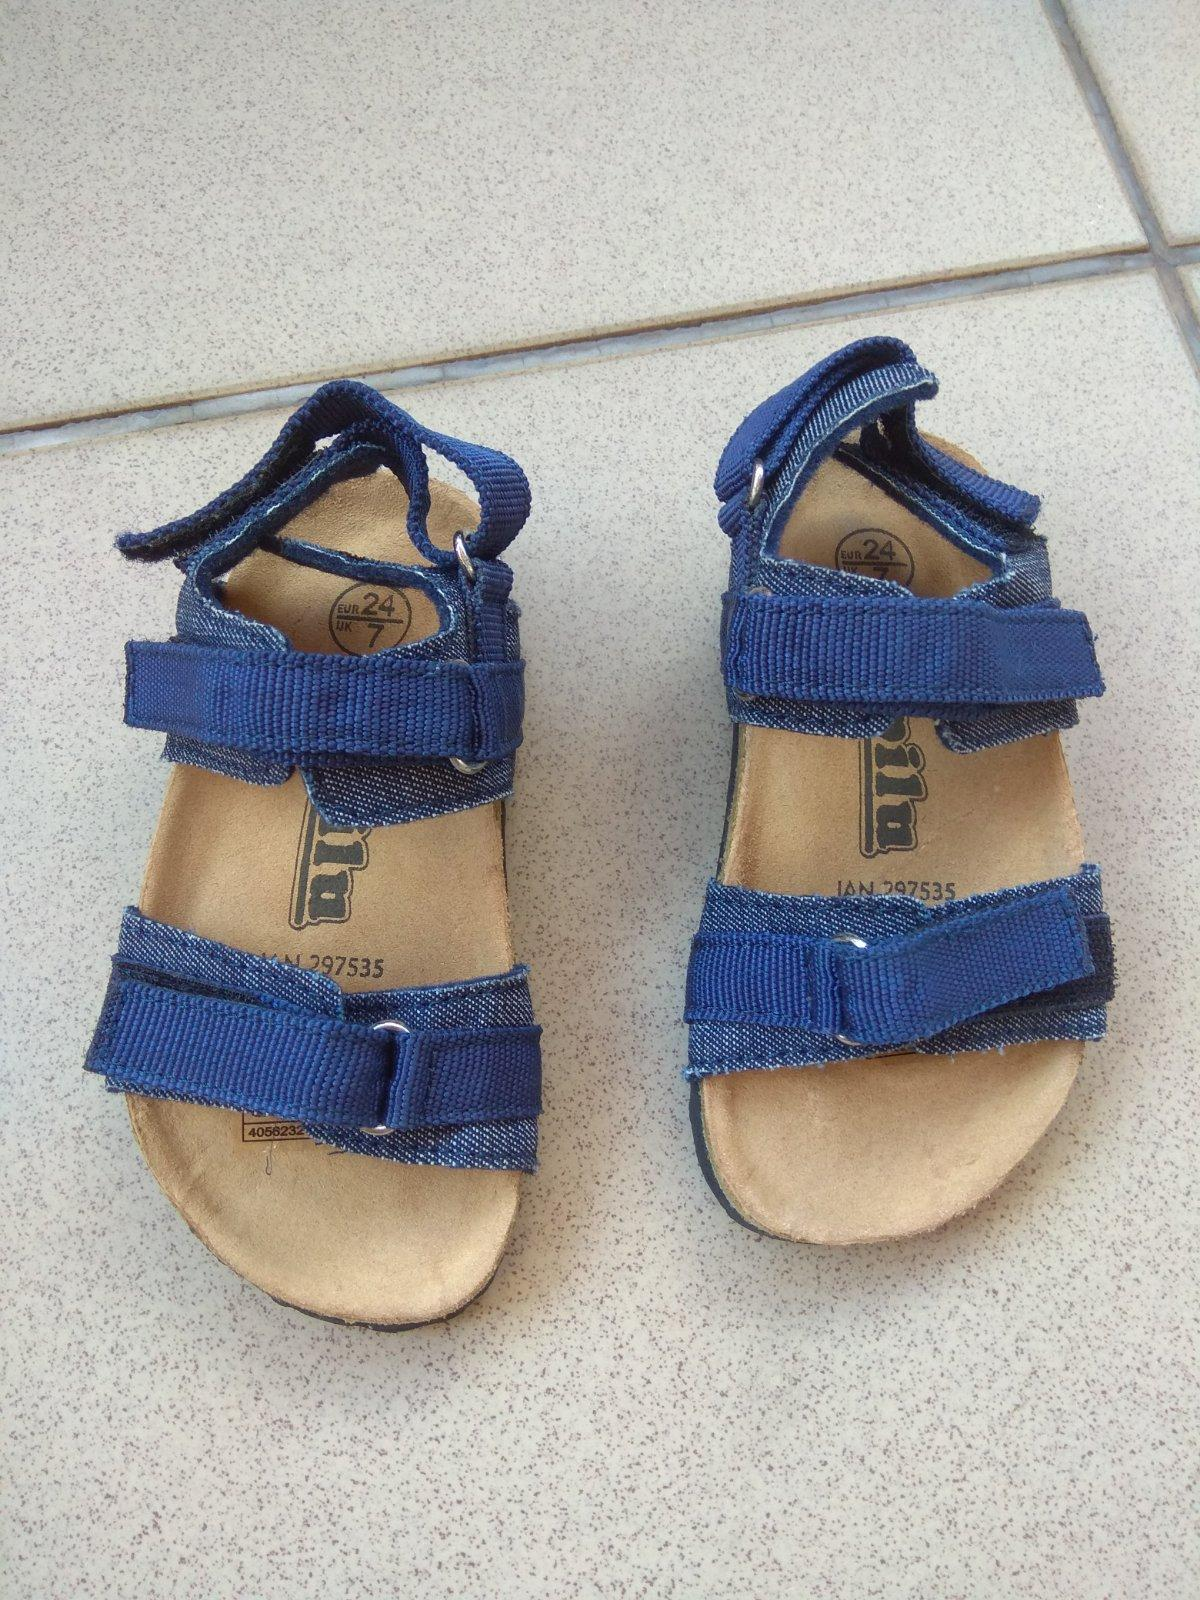 Sandalky Lupilu 24 - Obrázok č. 1